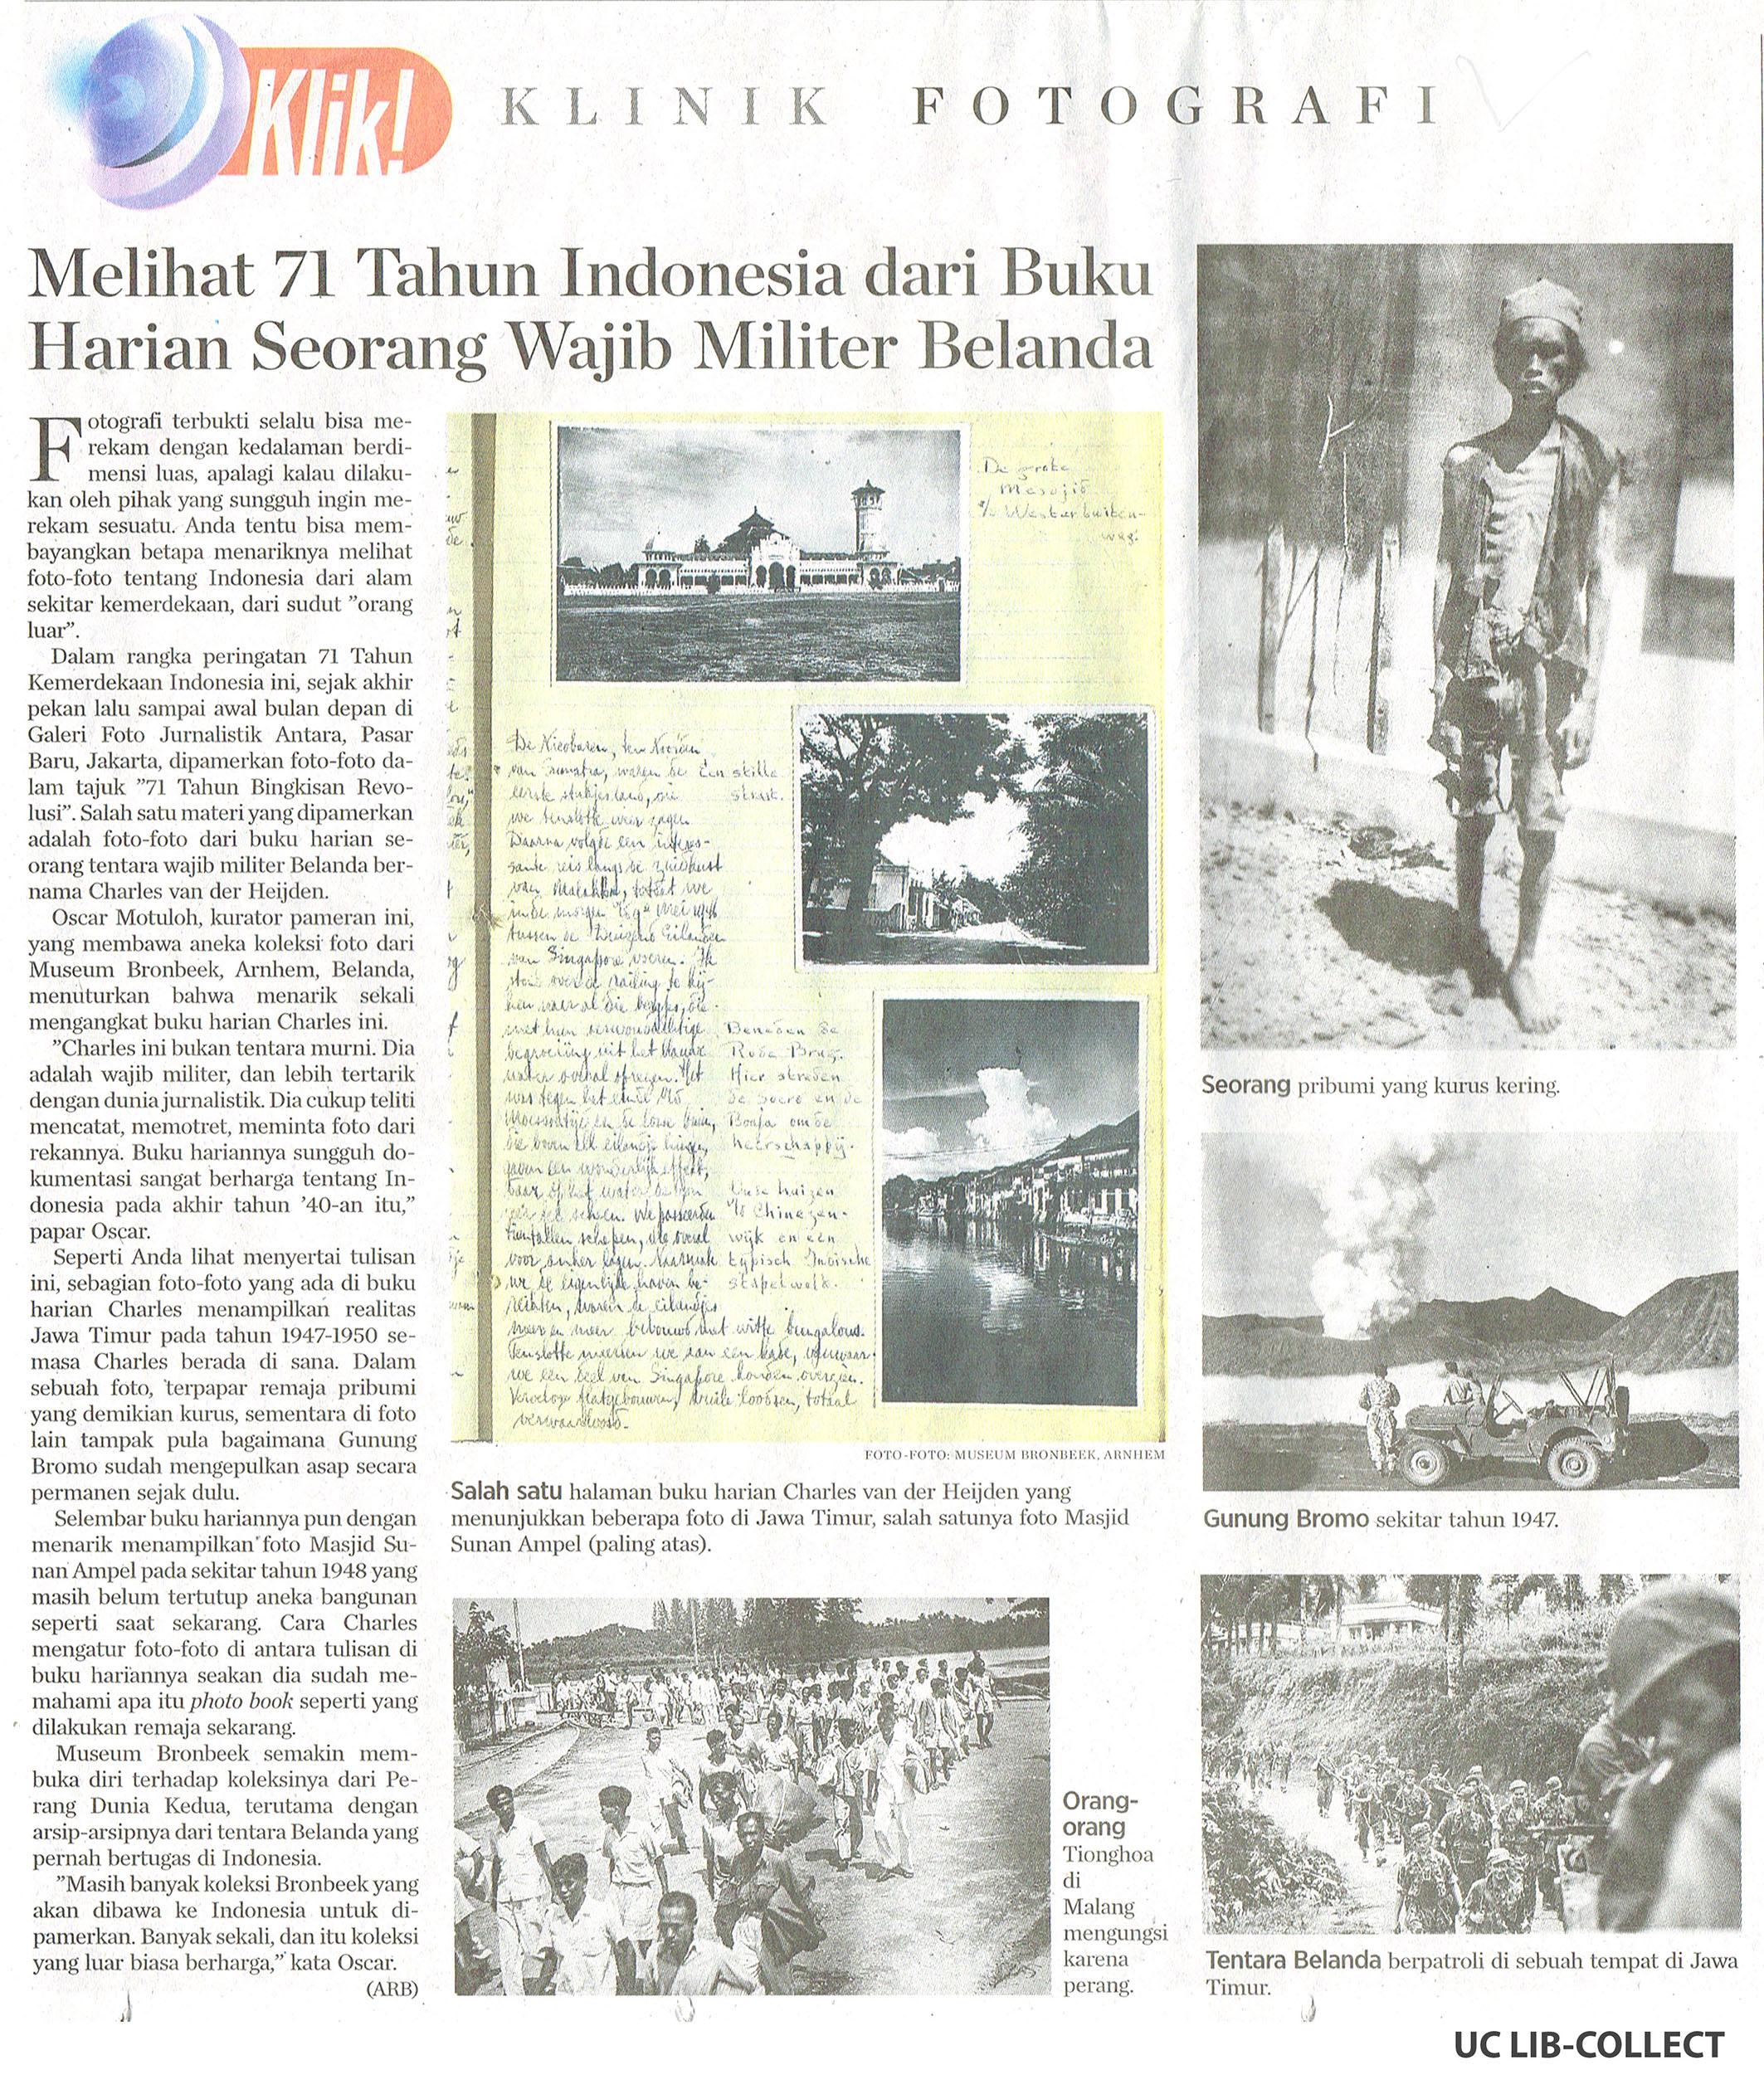 Melihat 71 Tahun Indonesia dari Buku Harian Seorang Wajib Militer Belanda. Kompas. 23 Agustus 2016. Hal 23